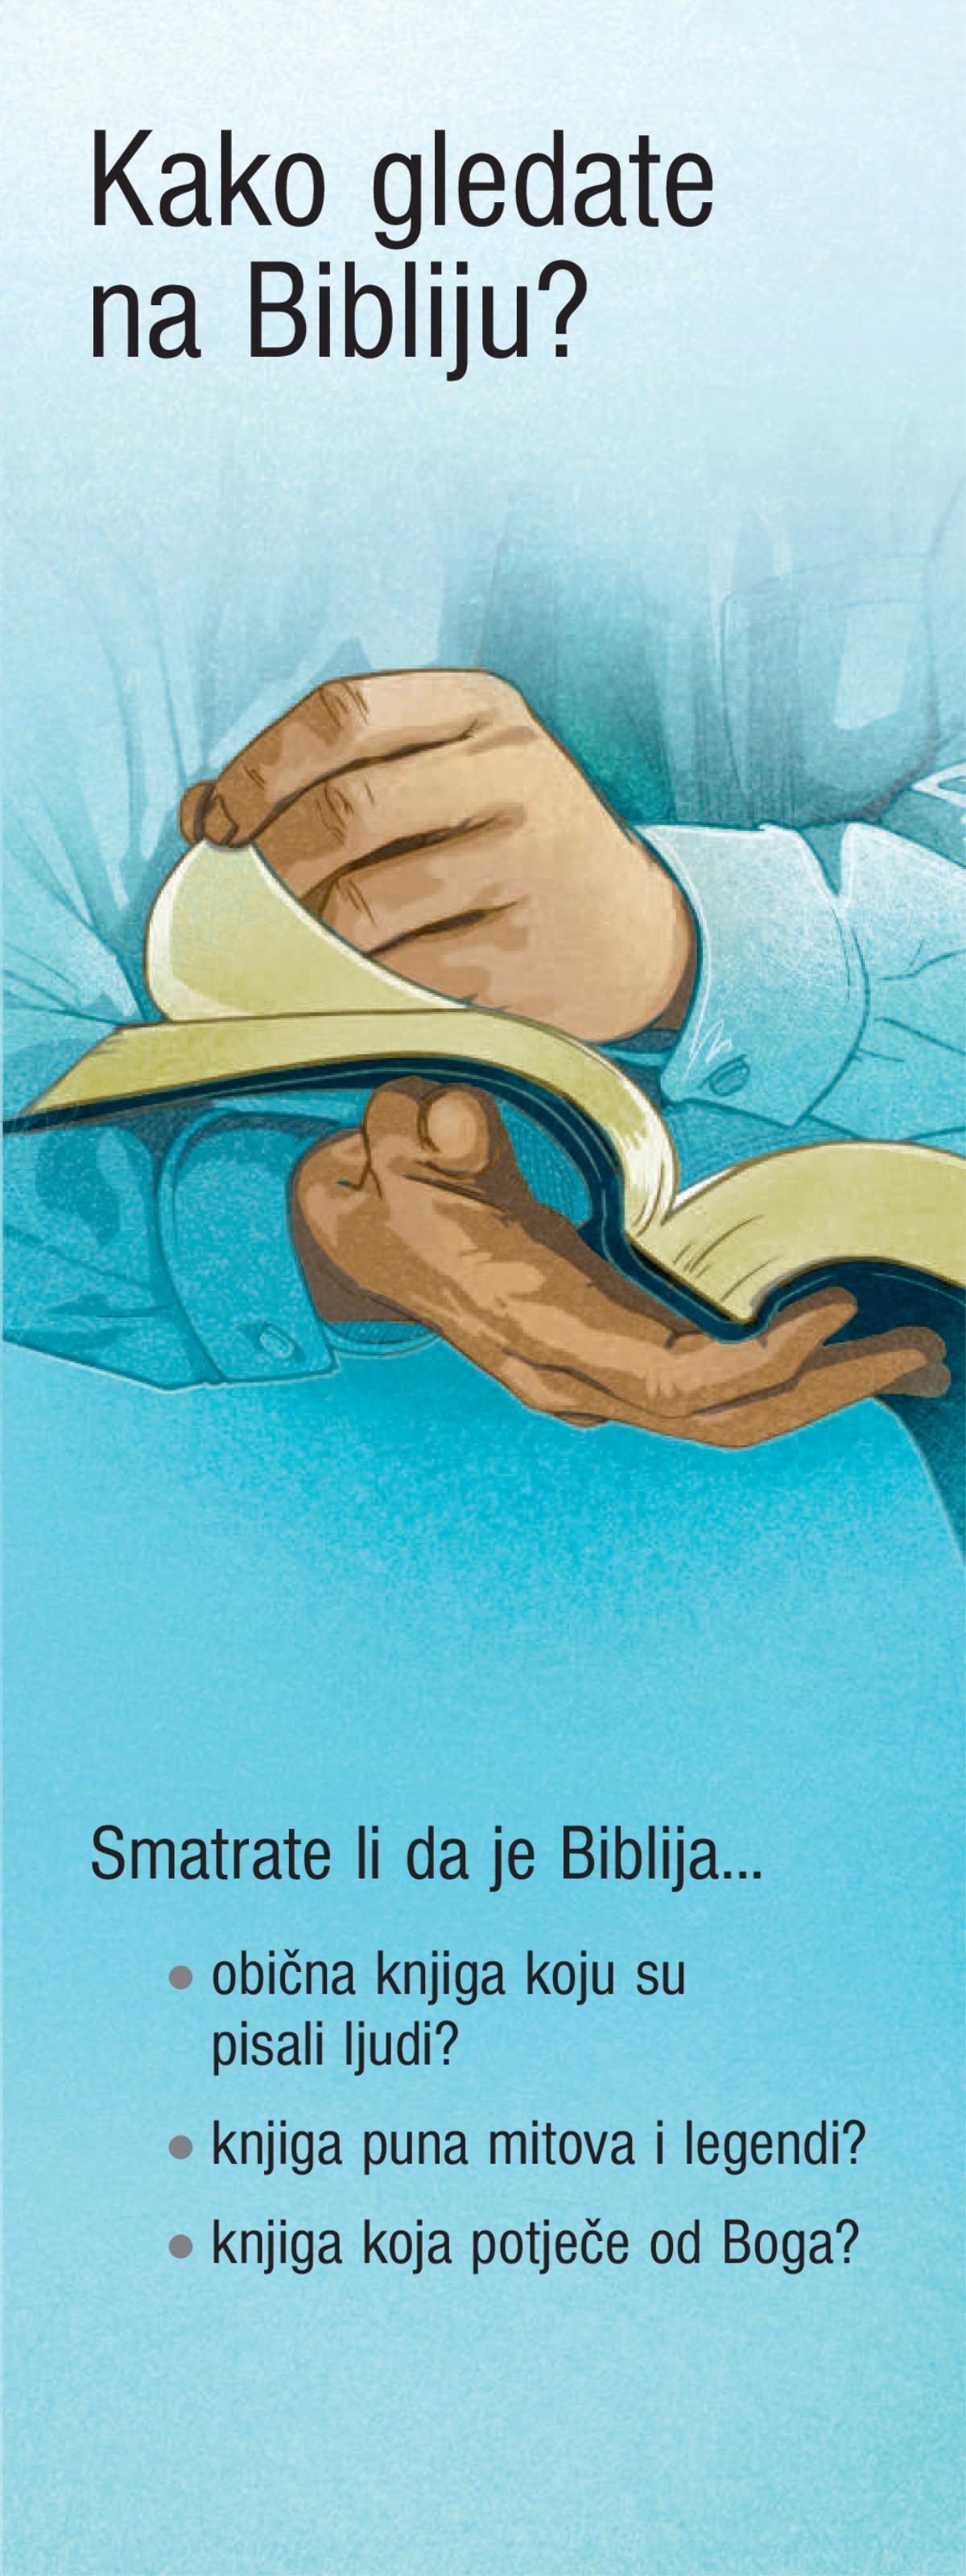 Koja je biblijska svrha upoznavanja